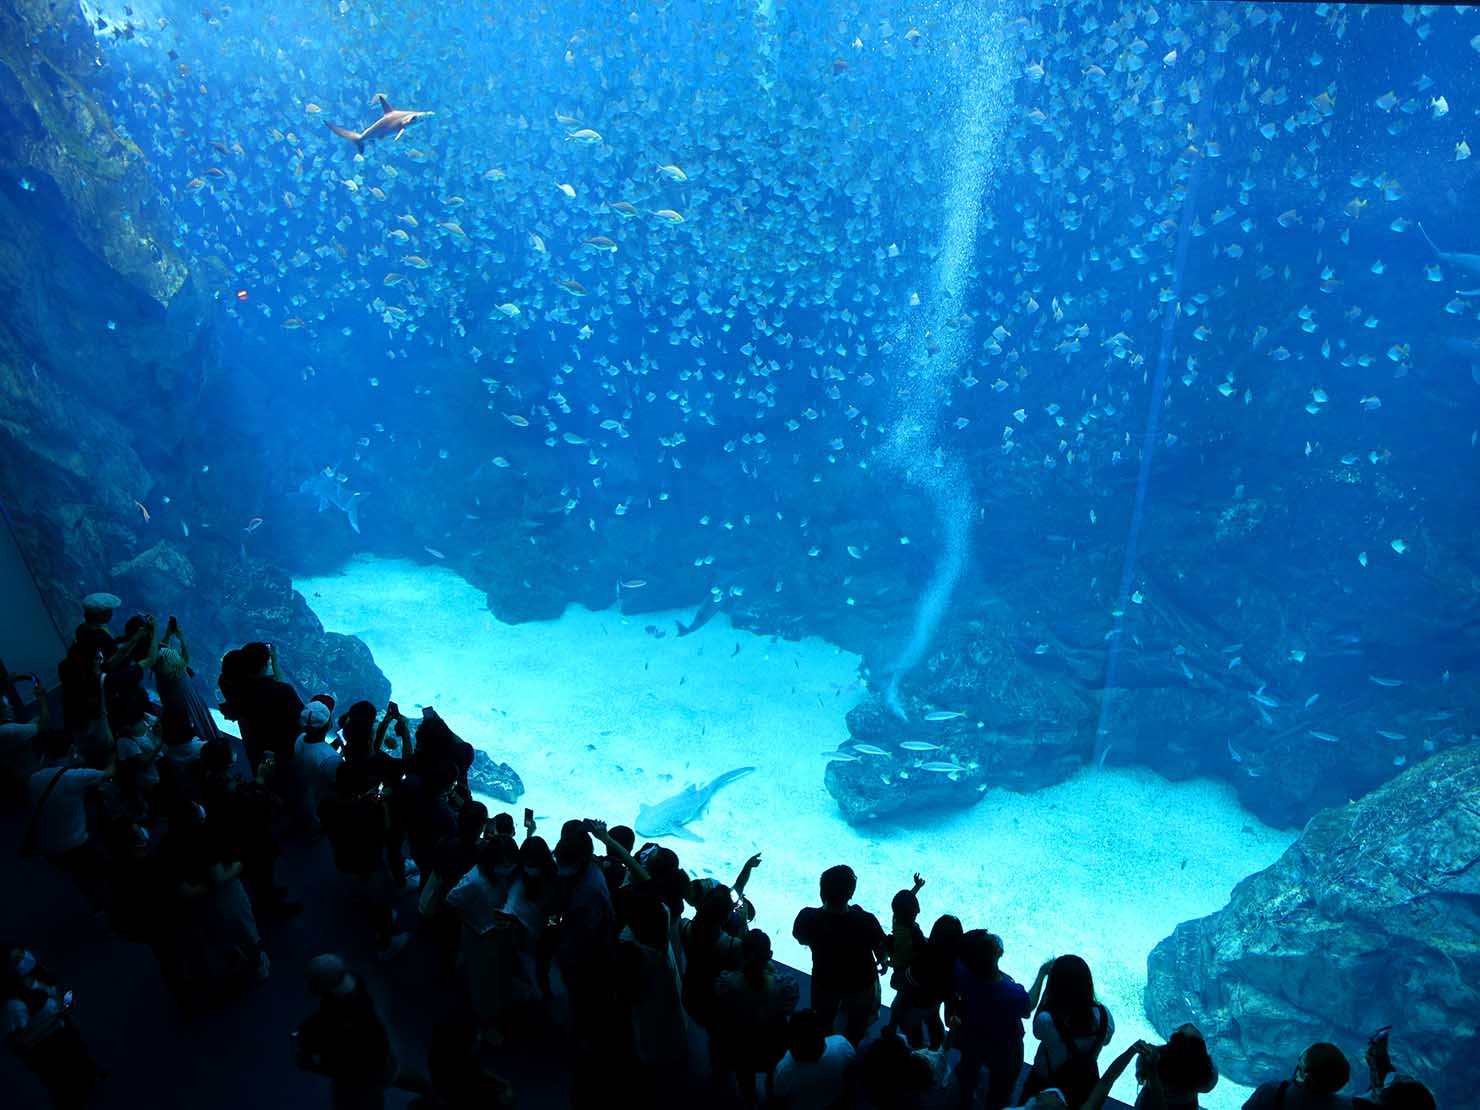 台北に誕生した都市型水族館「Xpark」内エリア「福爾摩沙」の巨大水槽を2階から眺める